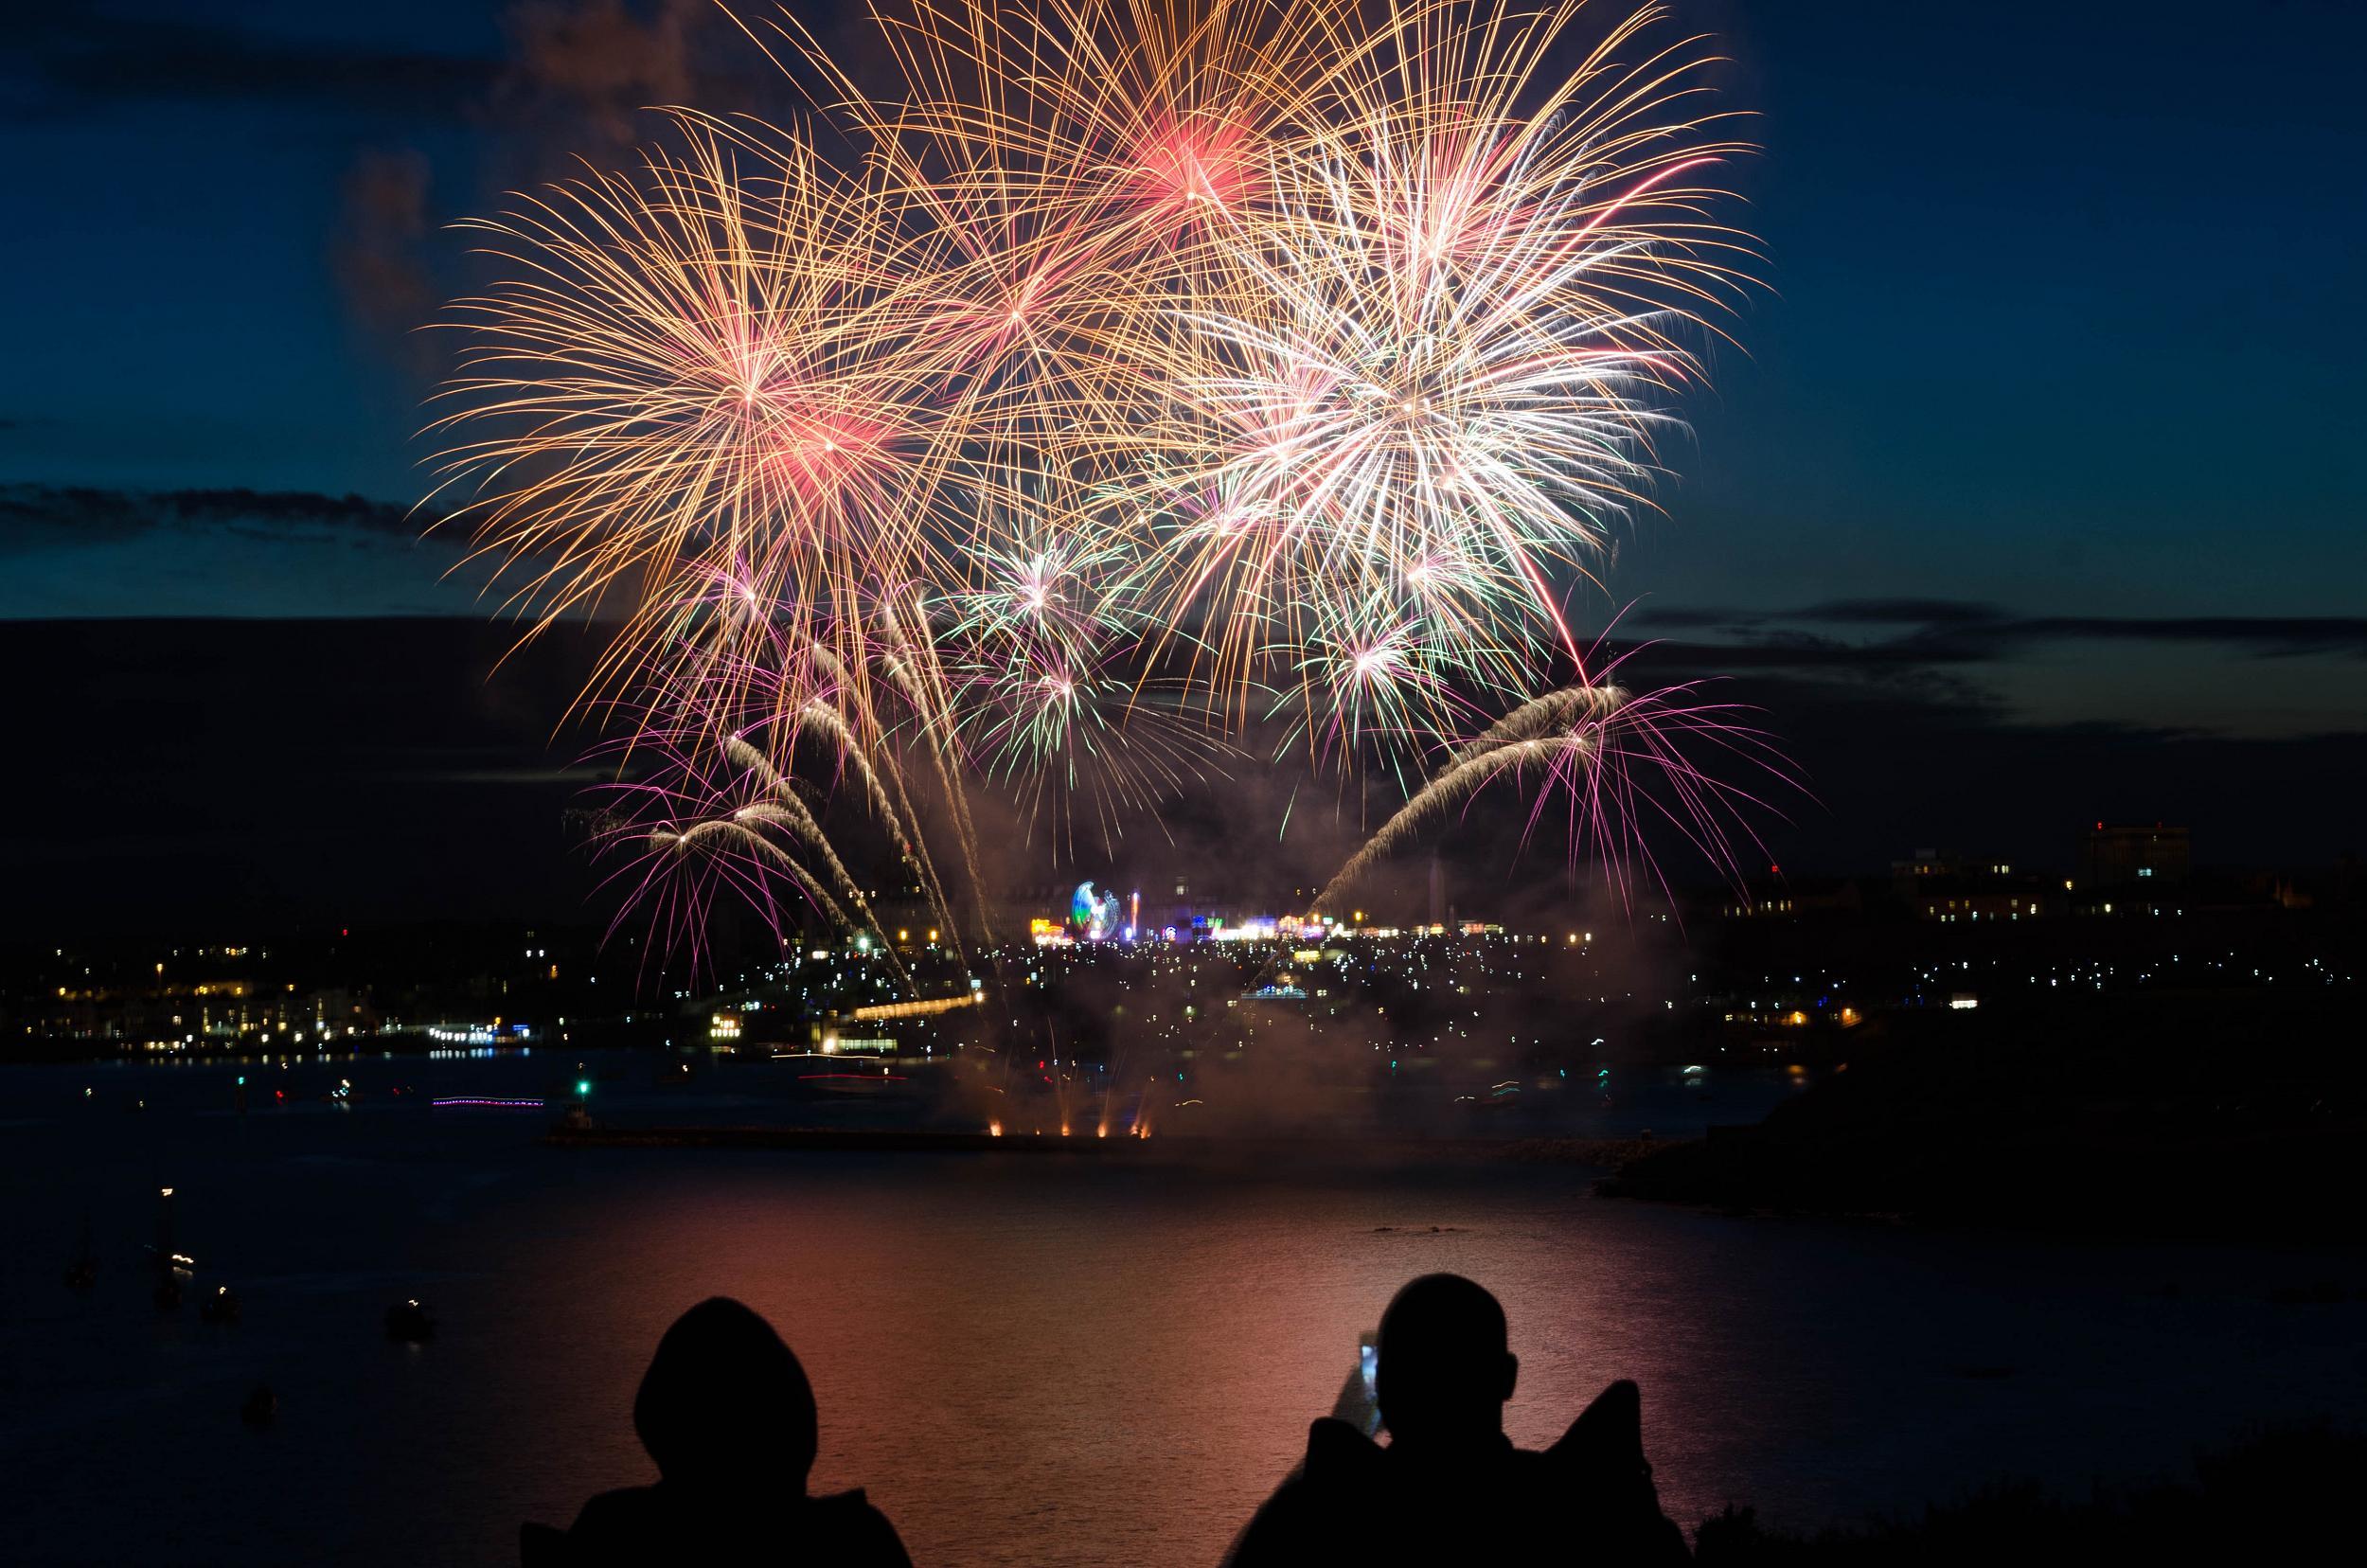 Rückblick 2018 und Ausblick 2019 | Companisto Blog